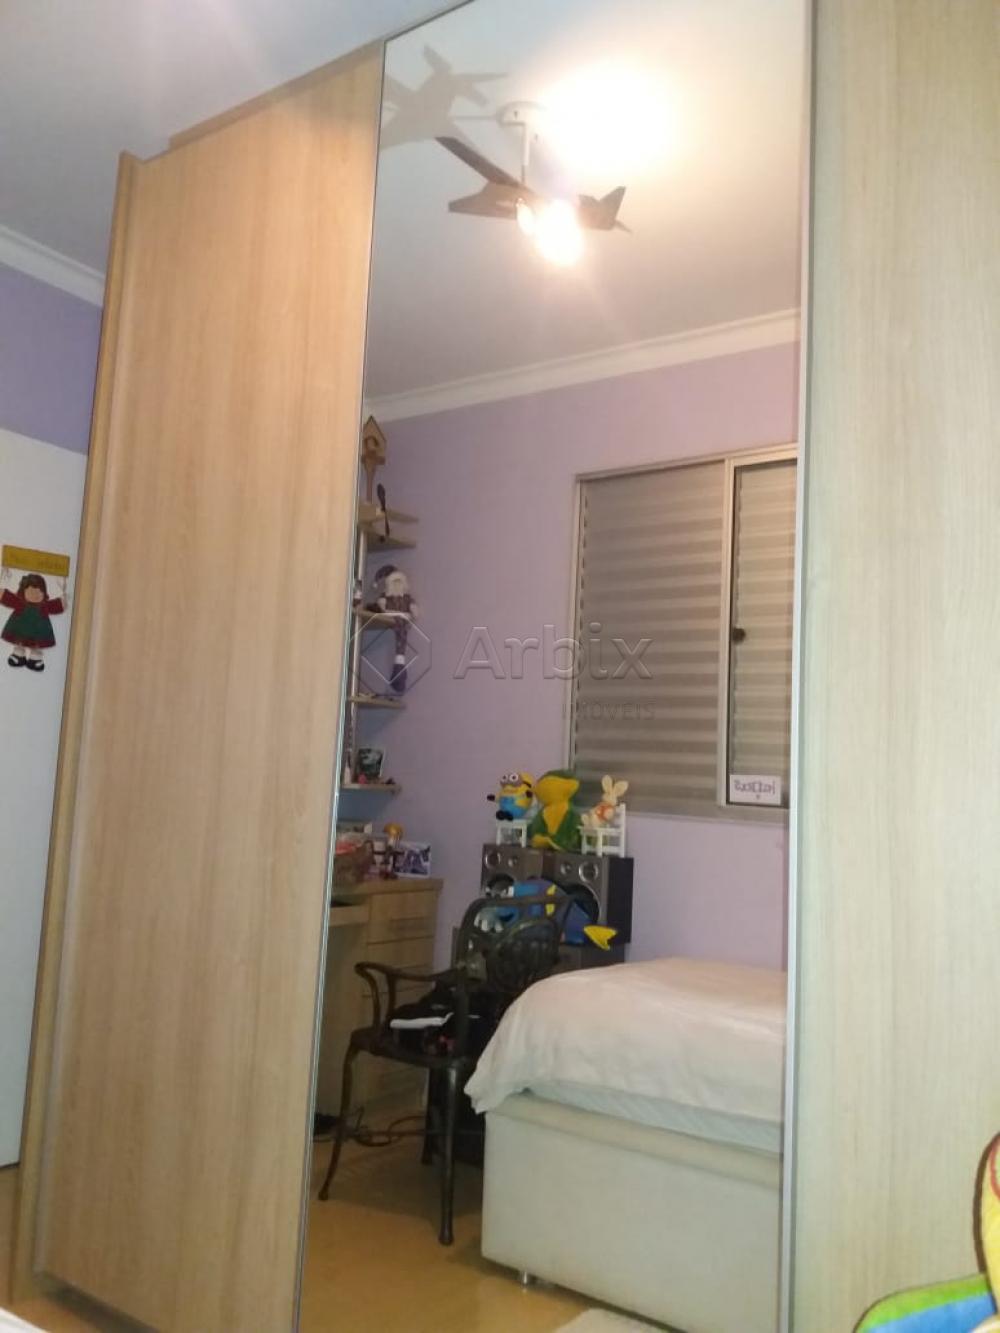 Comprar Apartamento / Padrão em Americana apenas R$ 290.000,00 - Foto 12